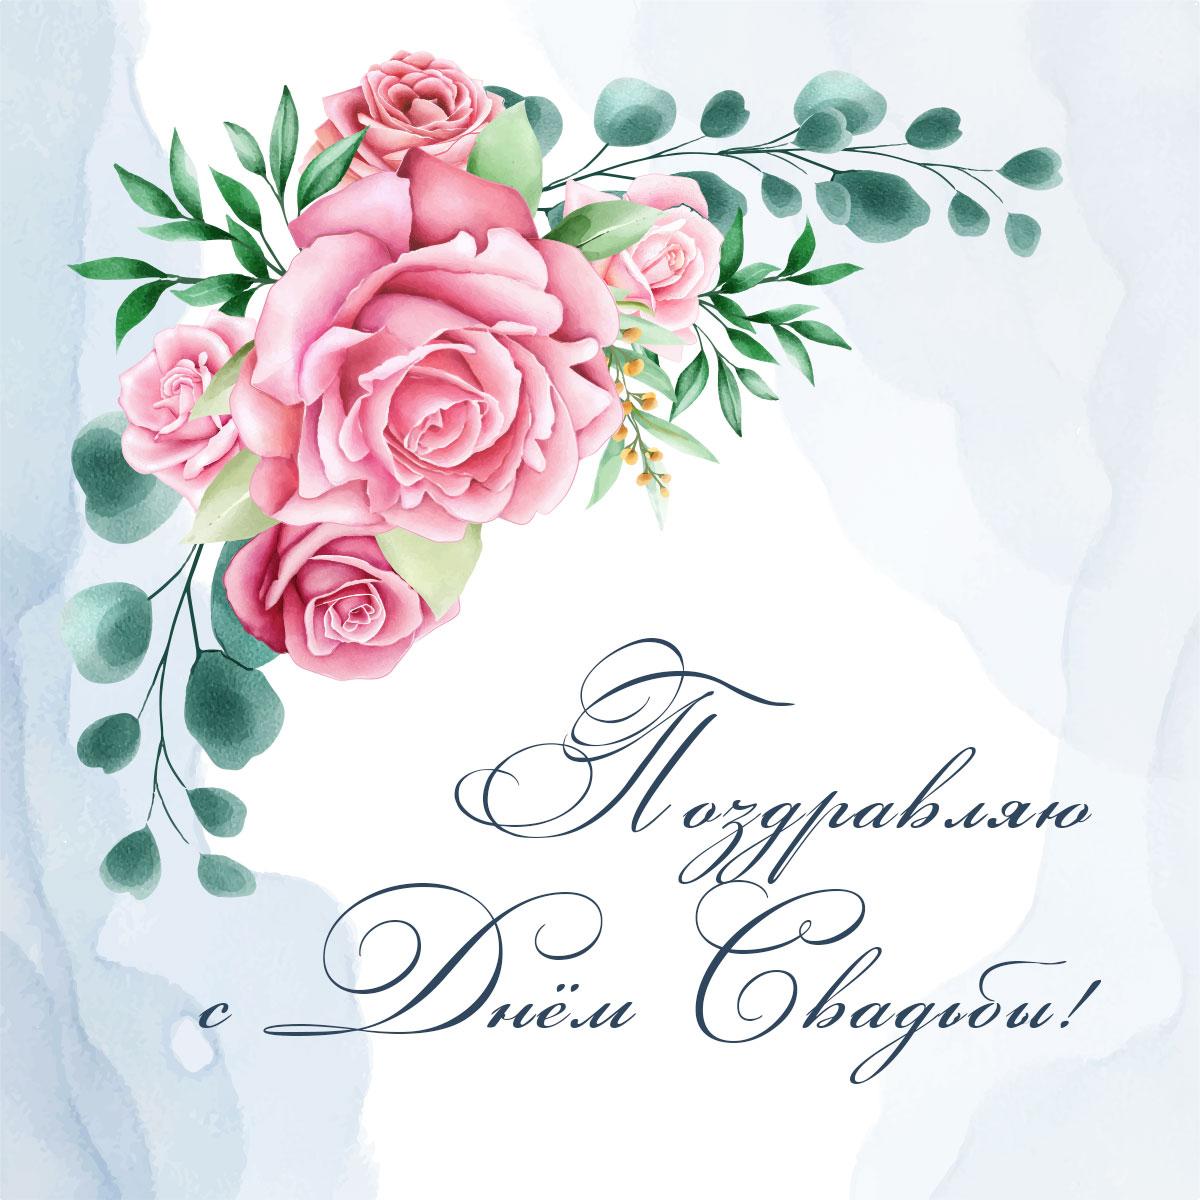 Картинка с каллиграфическим текстом: зеленые растения и розовые цветы с днем свадьбы